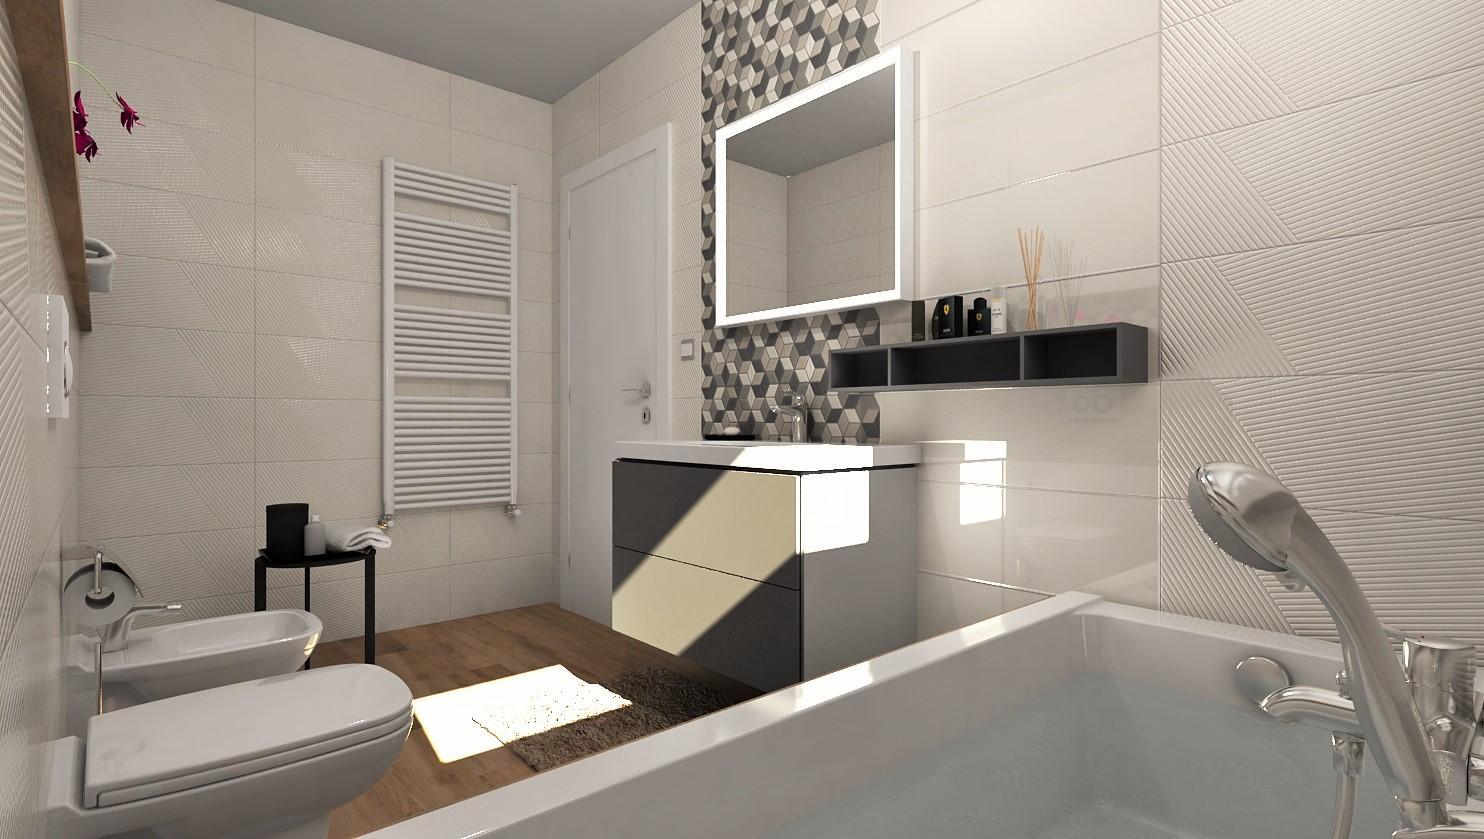 Návrhy a vizualizácie kúpeľní - Obrázok č. 87